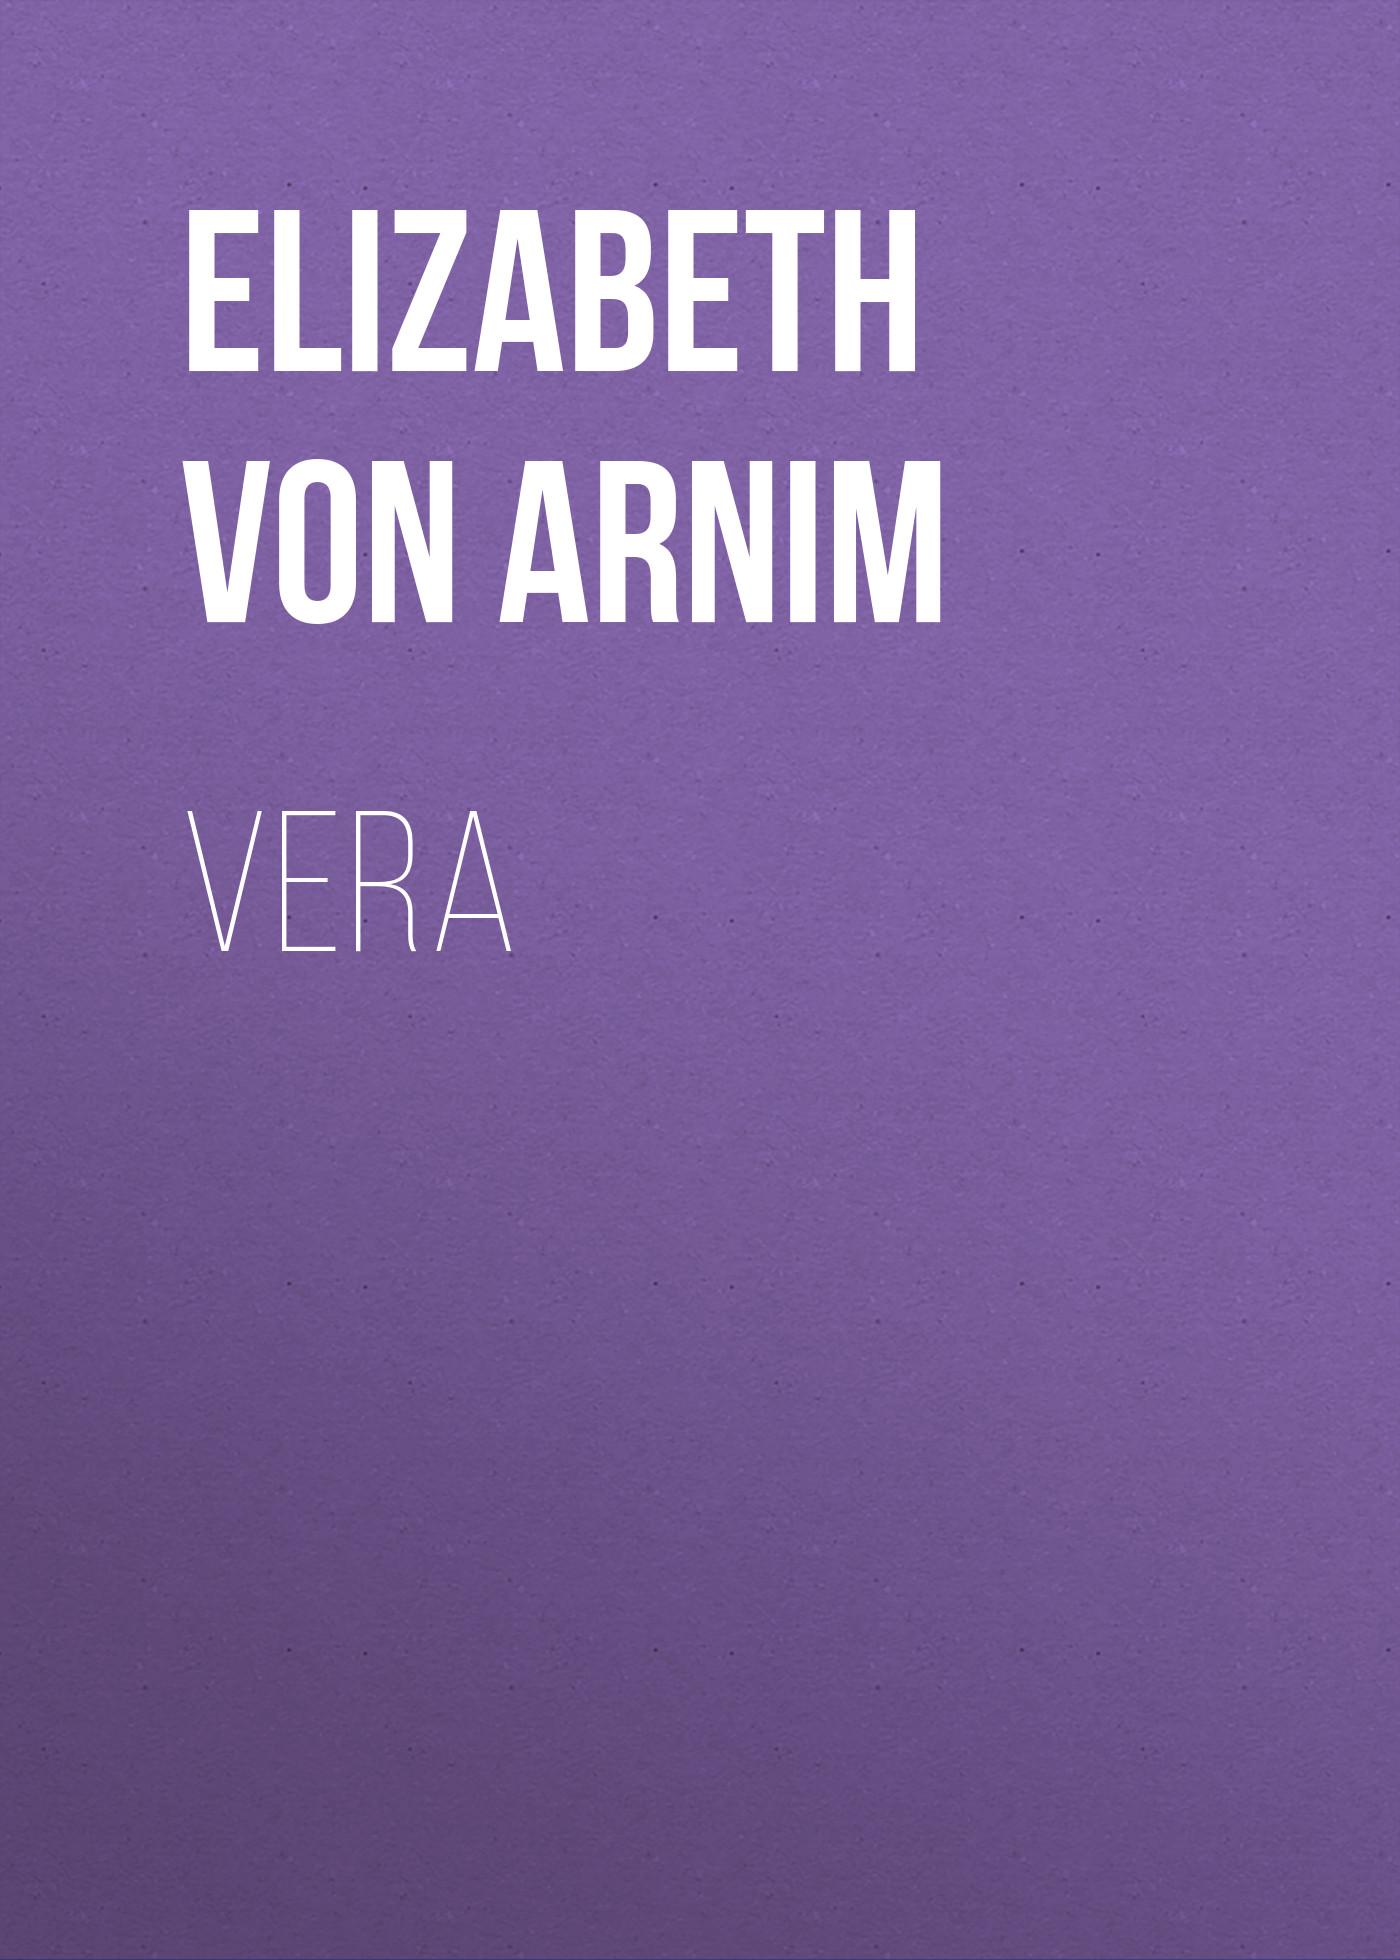 Elizabeth von Arnim Vera elizabeth von arnim the pastor s wife